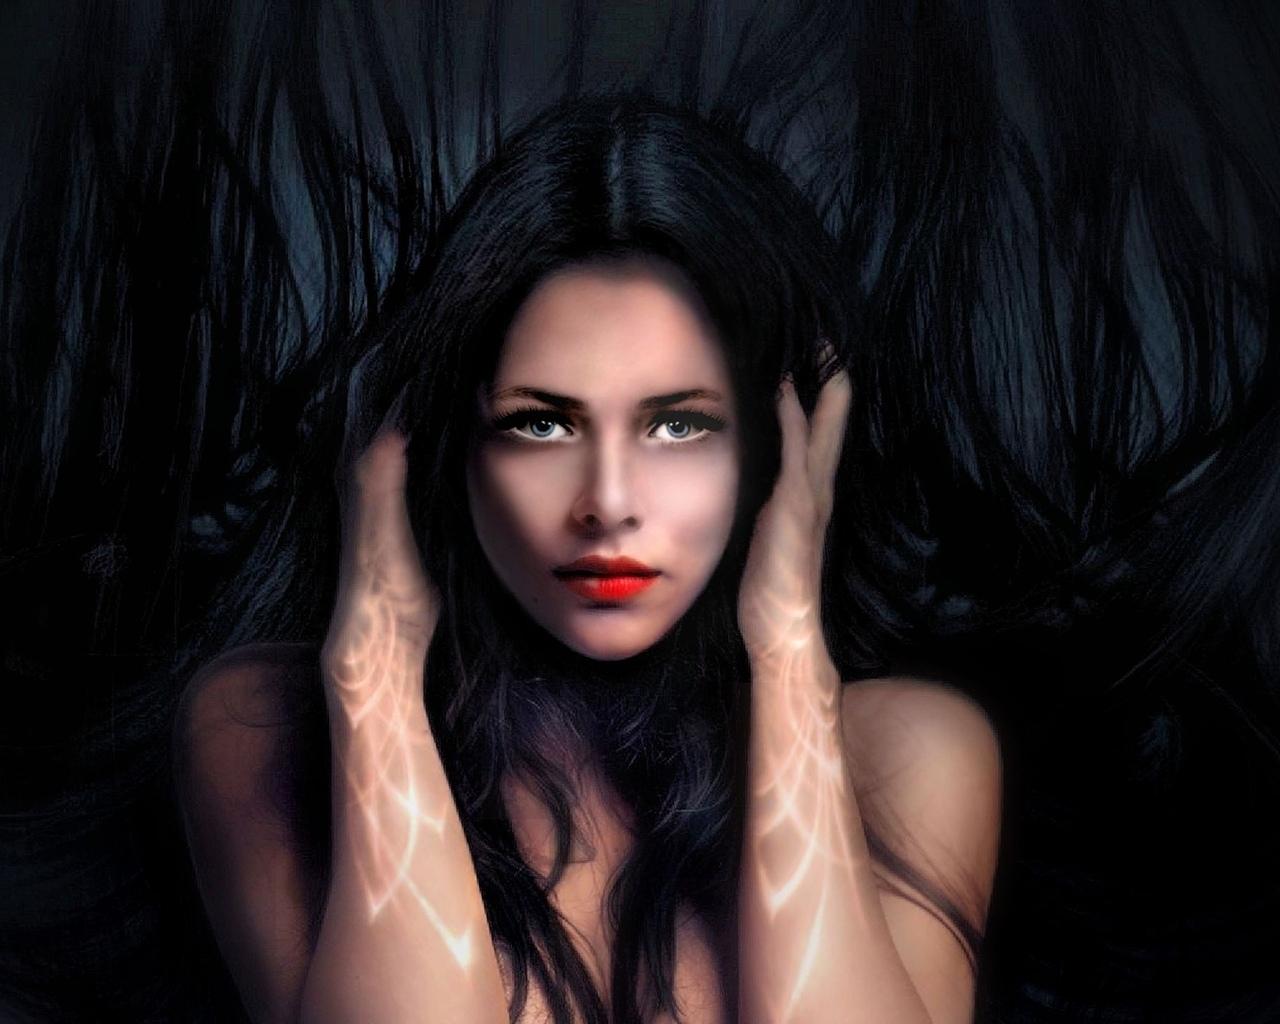 девушка, взгляд, портрет, фэнтези